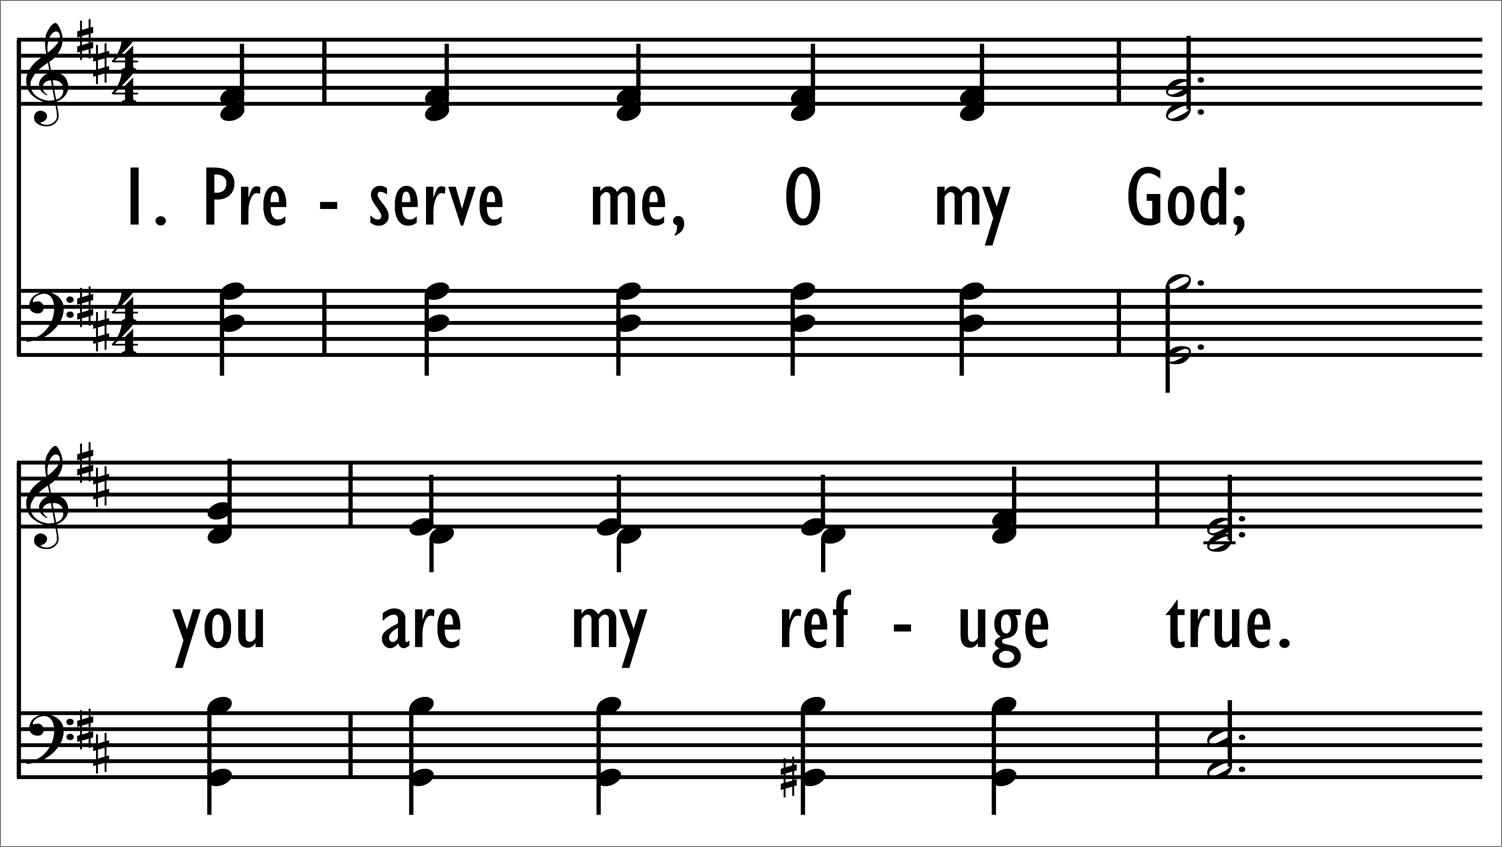 PRESERVE ME, O MY GOD-ppt